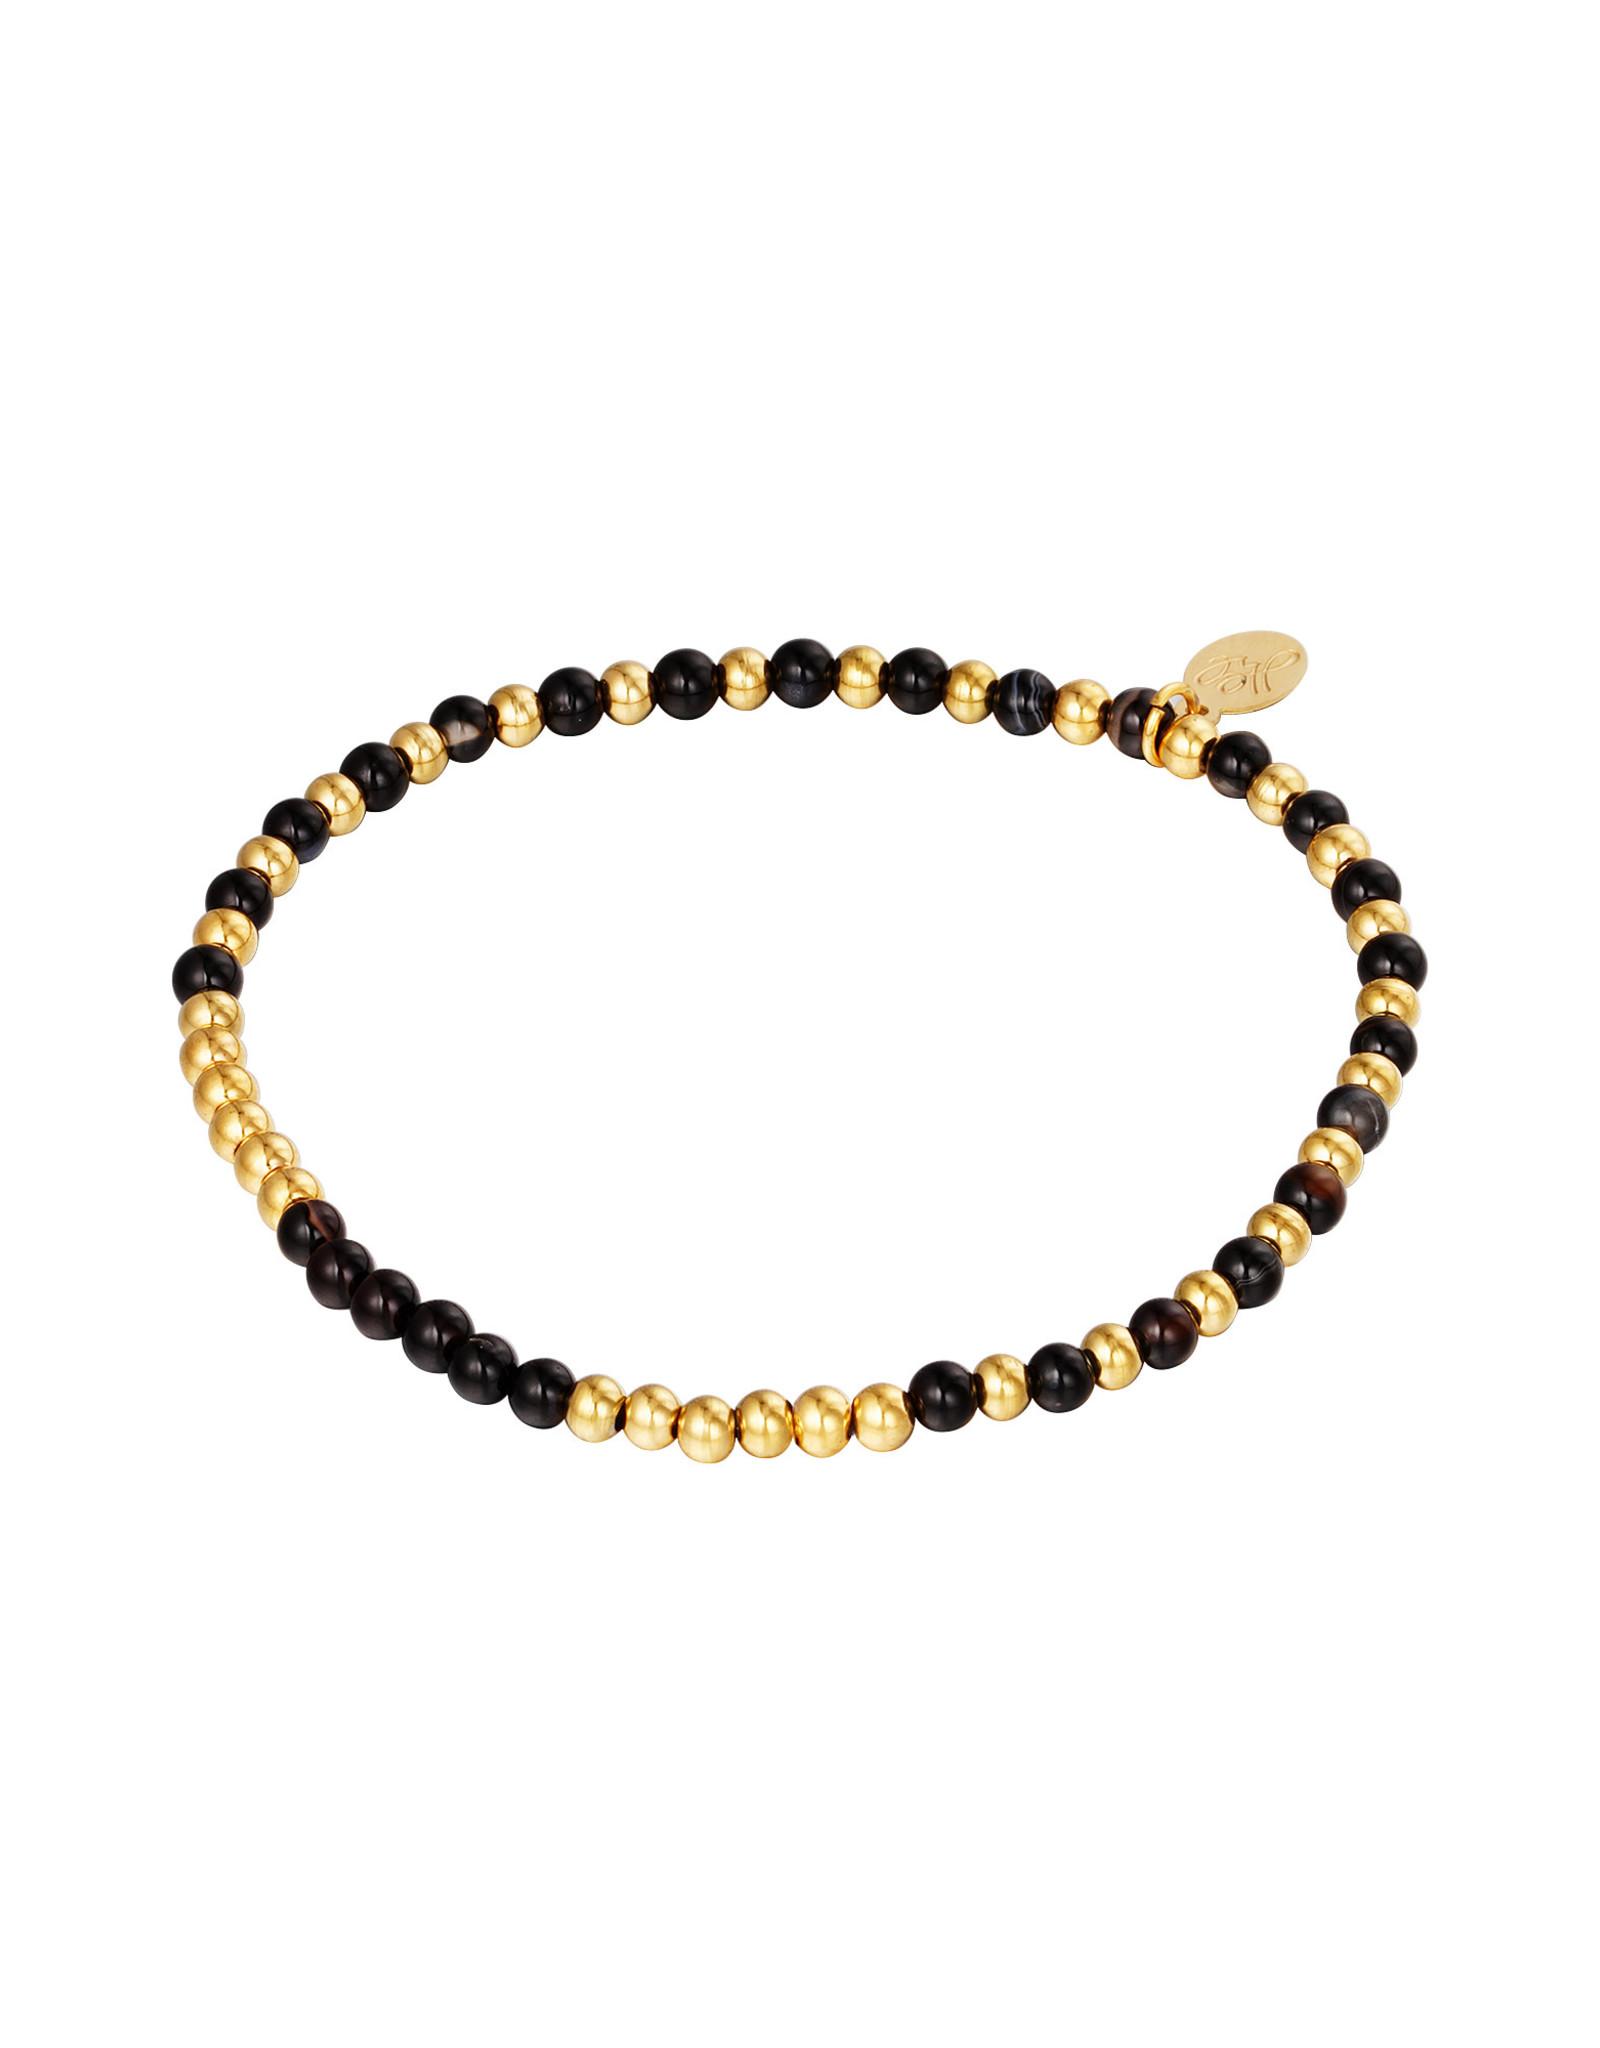 Yehwang Yehwang armbandje beads spheres gold